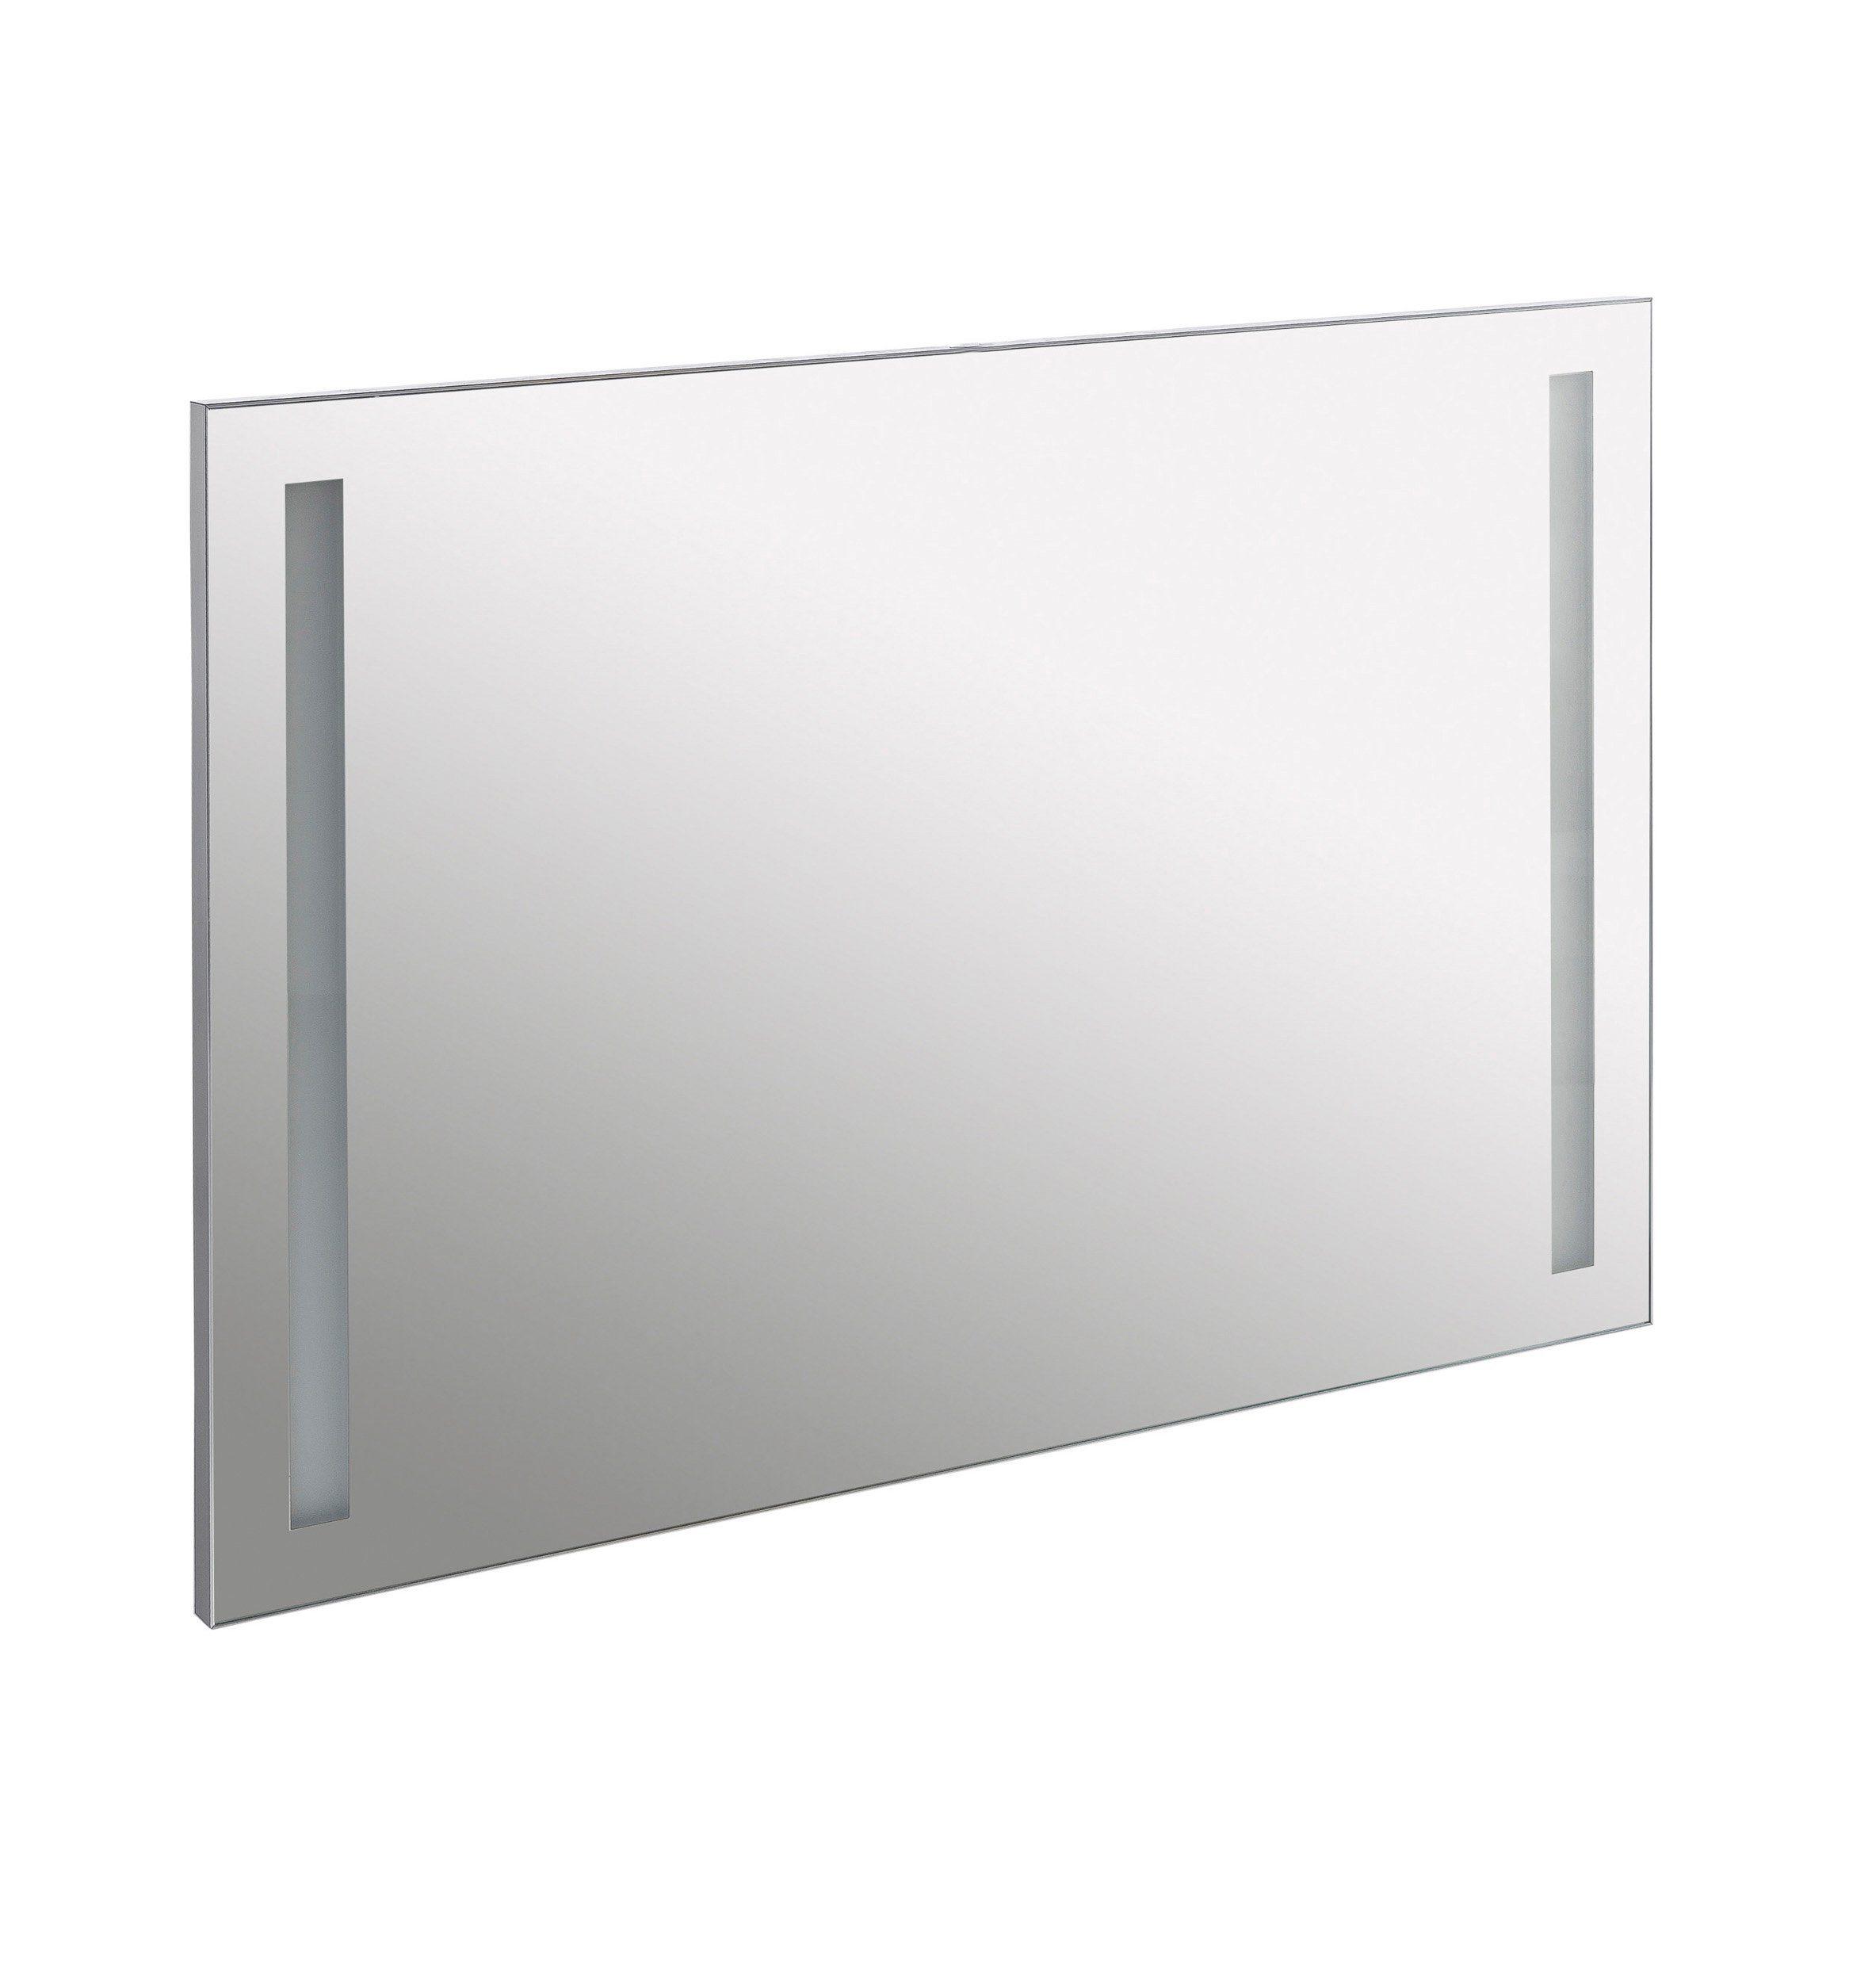 Spiegel / Badspiegel »Irene« Breite 80 cm, mit Beleuchtung